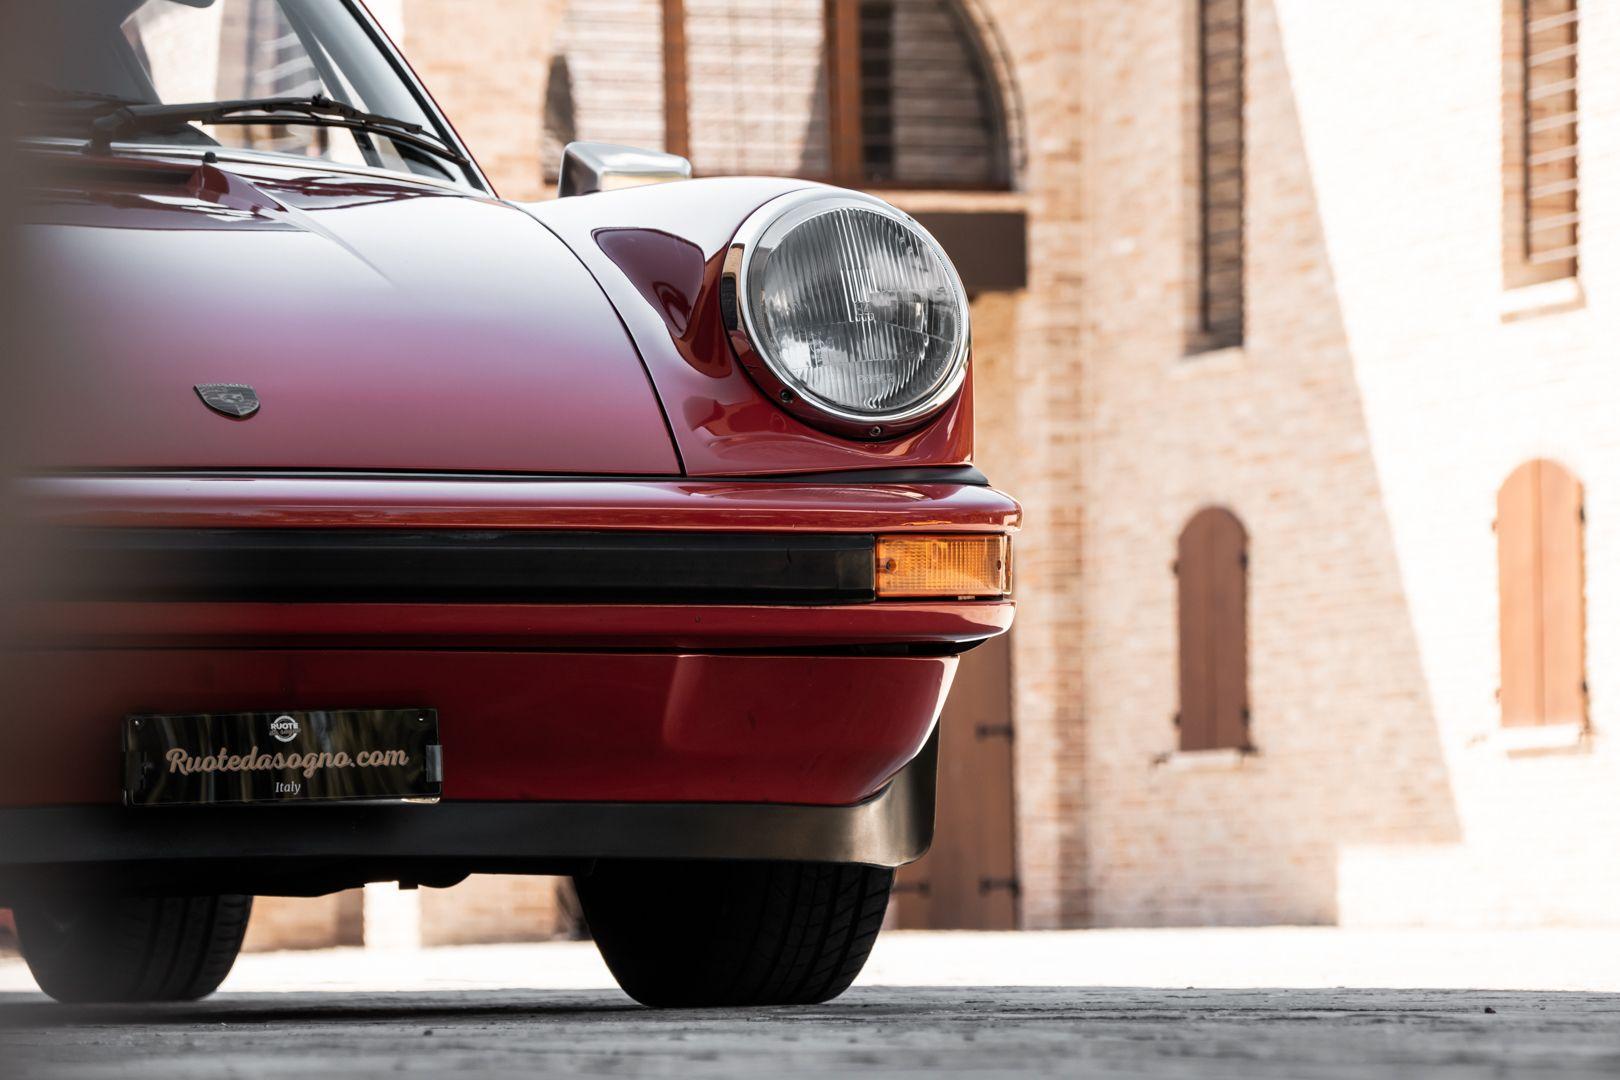 1974 Porsche 911 S 2.7 Targa 69626